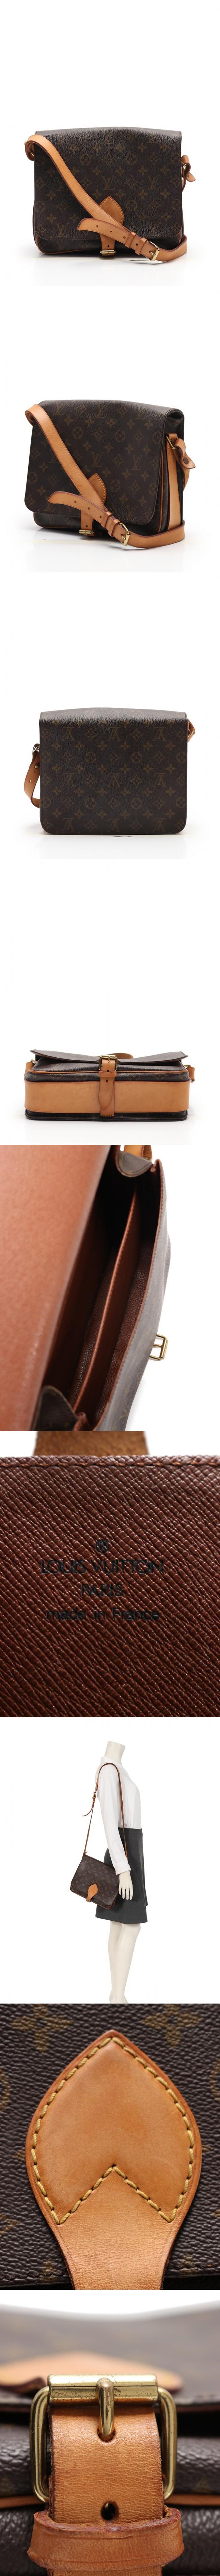 ショルダーバッグ カルトシエールGM モノグラム 茶 M51252 PVC レザー